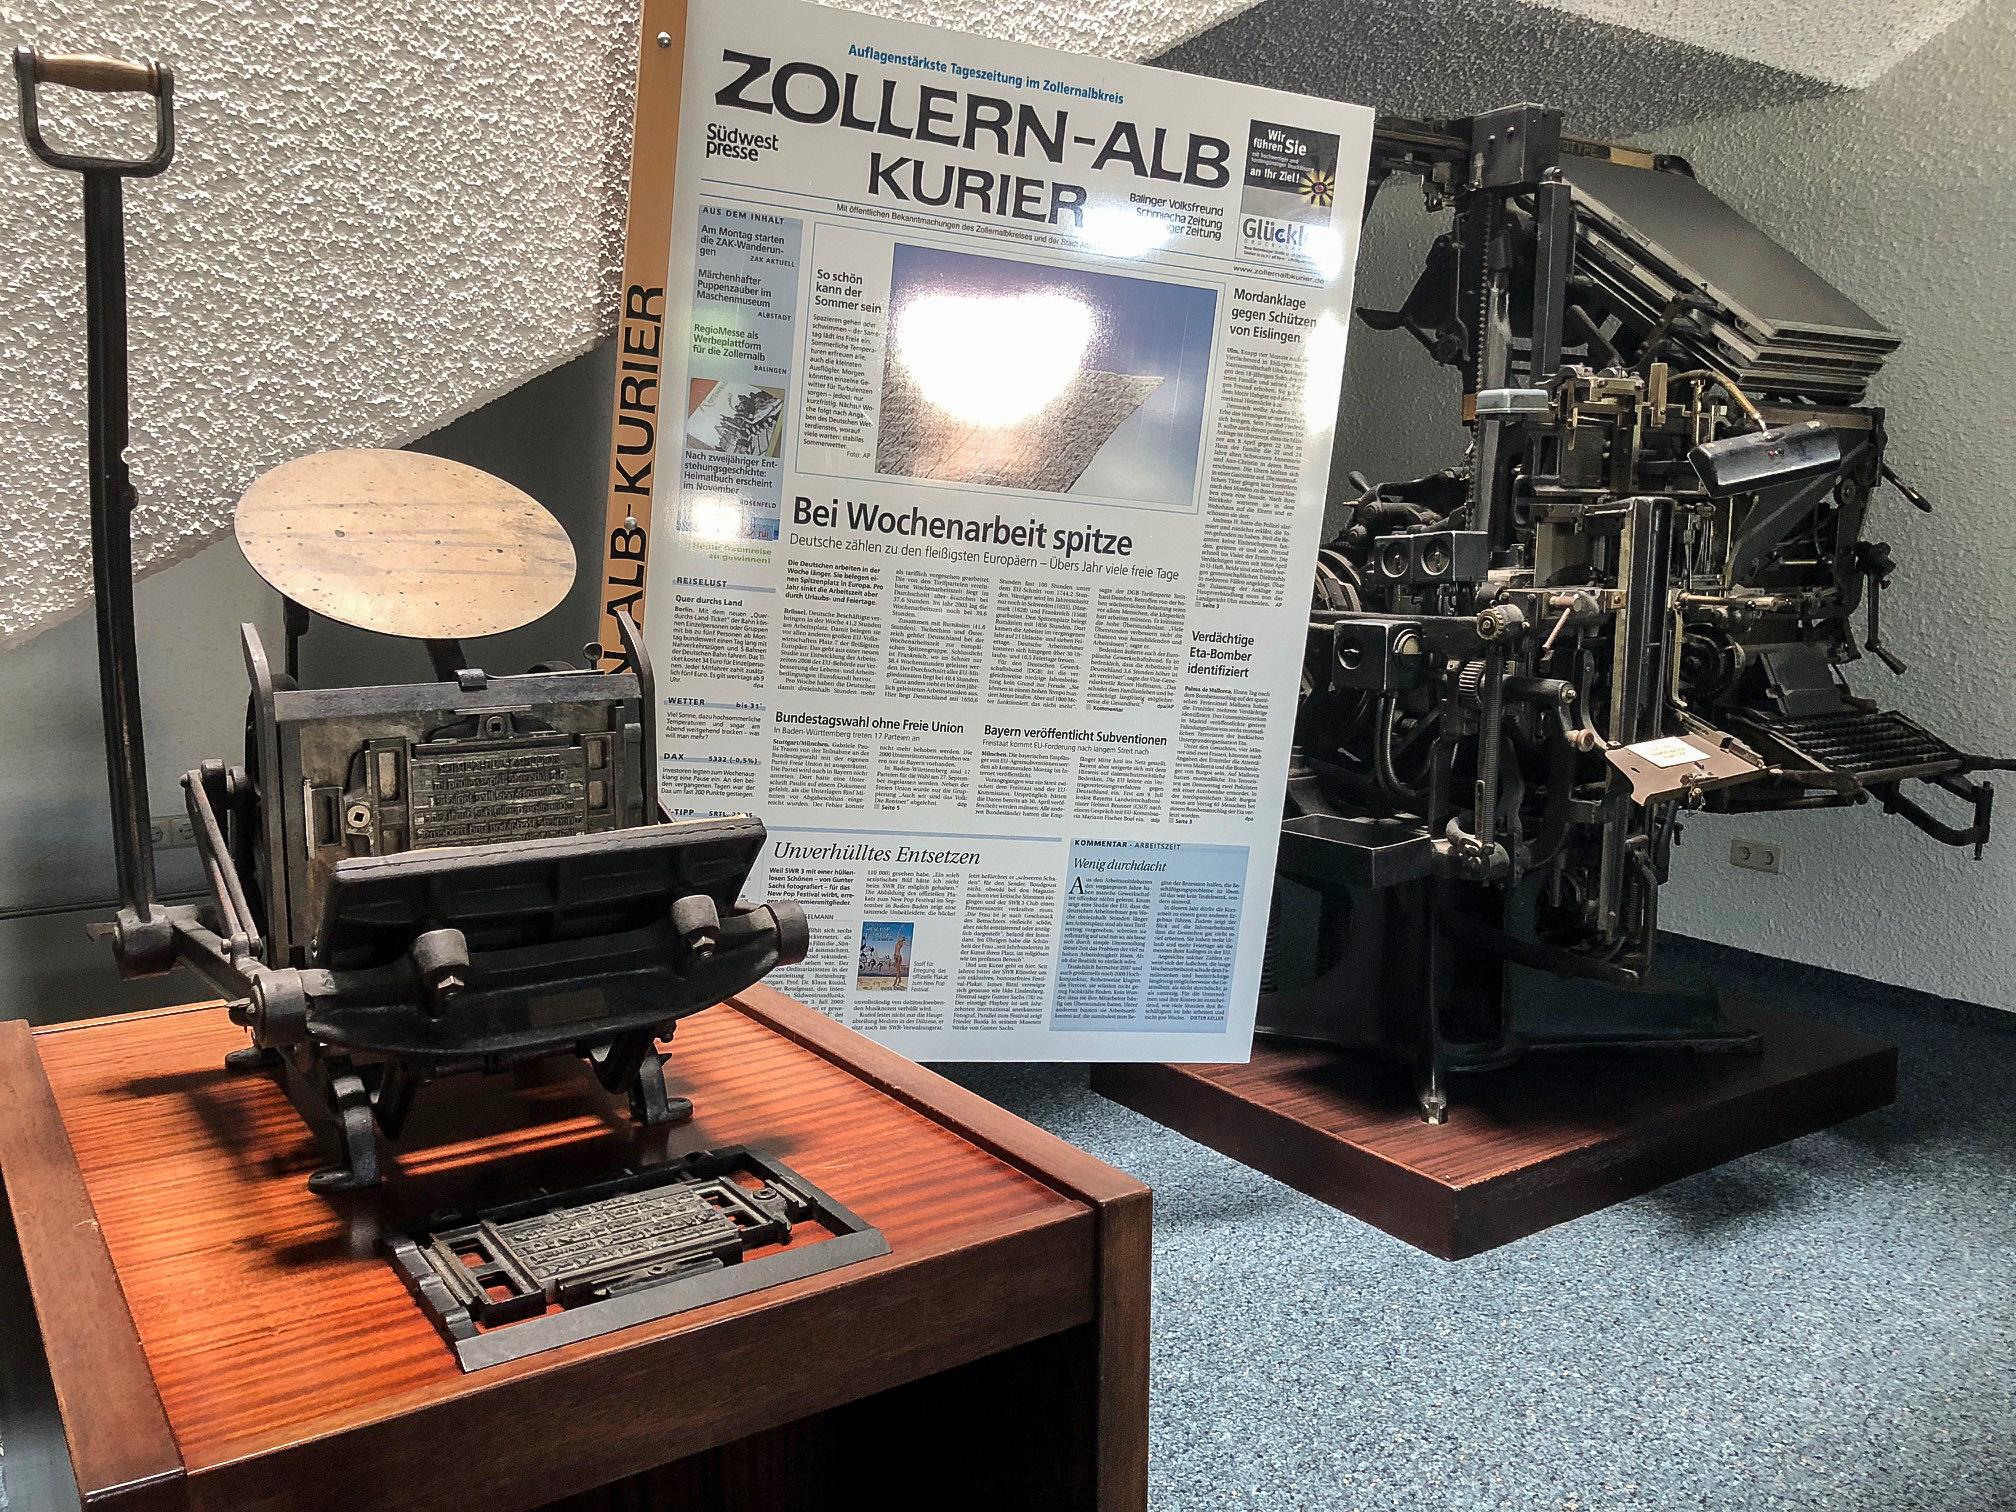 Zollern-Alb-Kurier